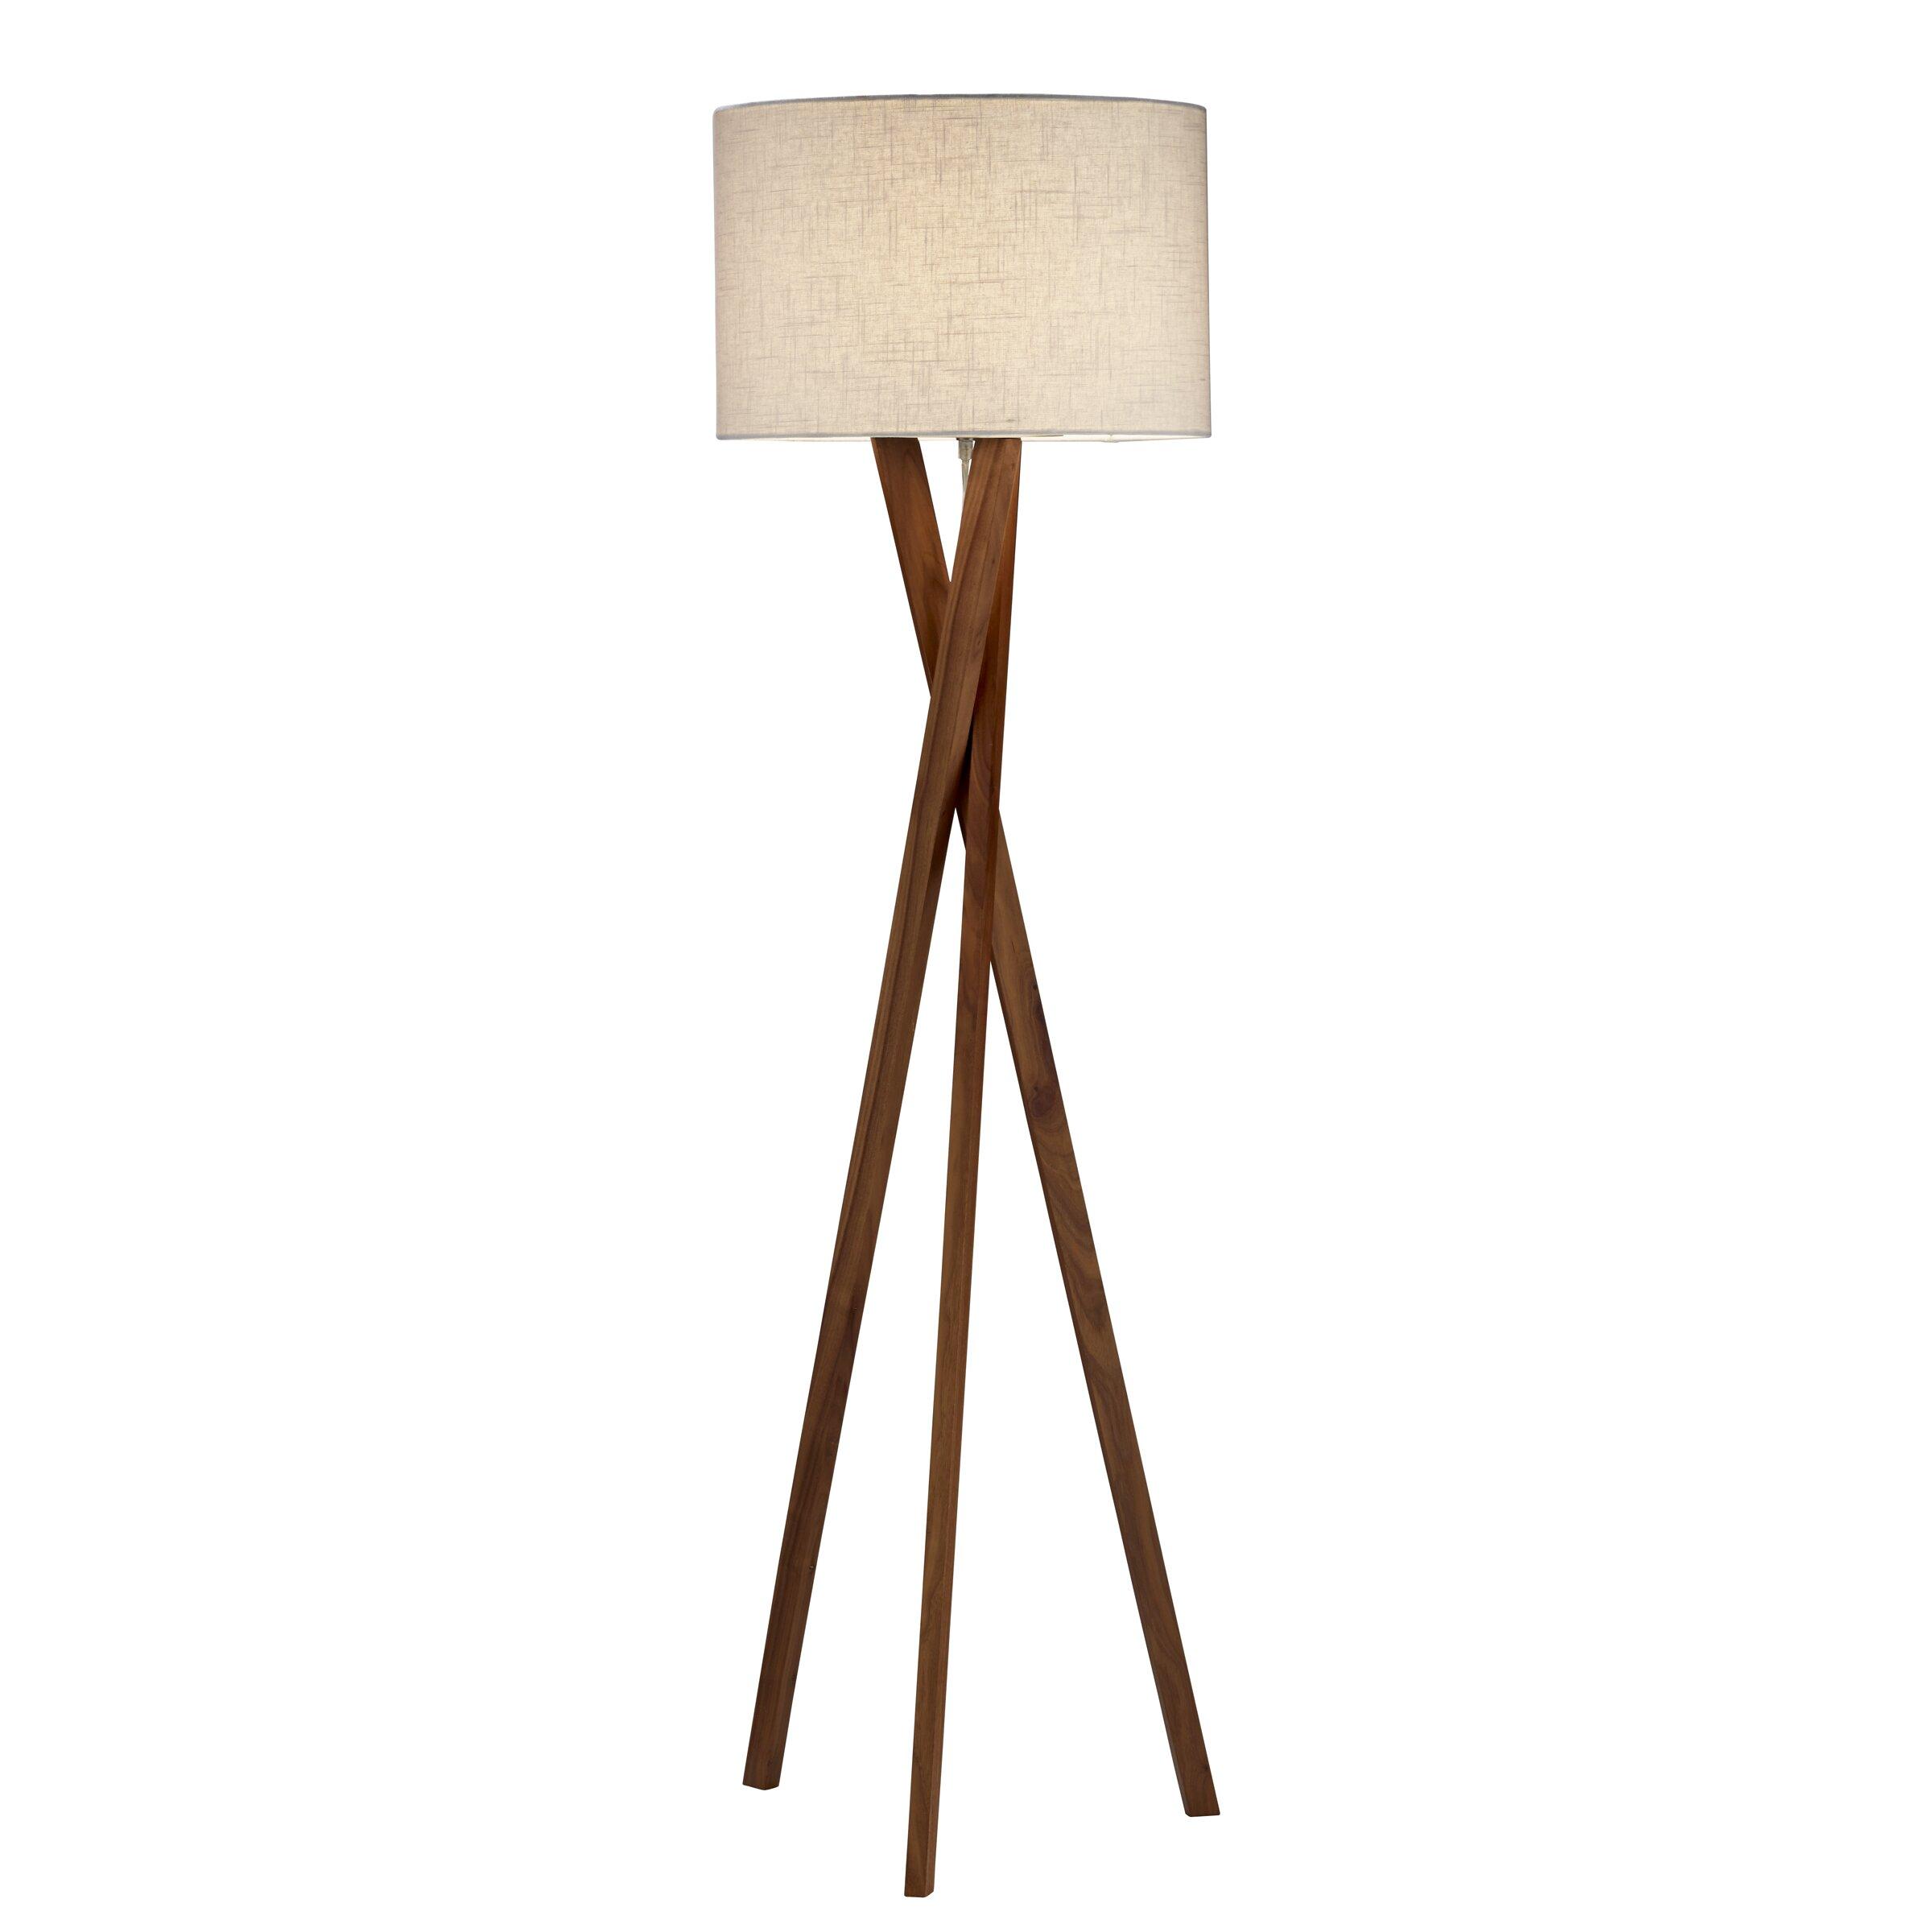 Raumteiler Schiebetür Ikea Regal ~ Ikea Floor Lamp Tempe Vate Vidja Orgel Vreten Vaster Review Review